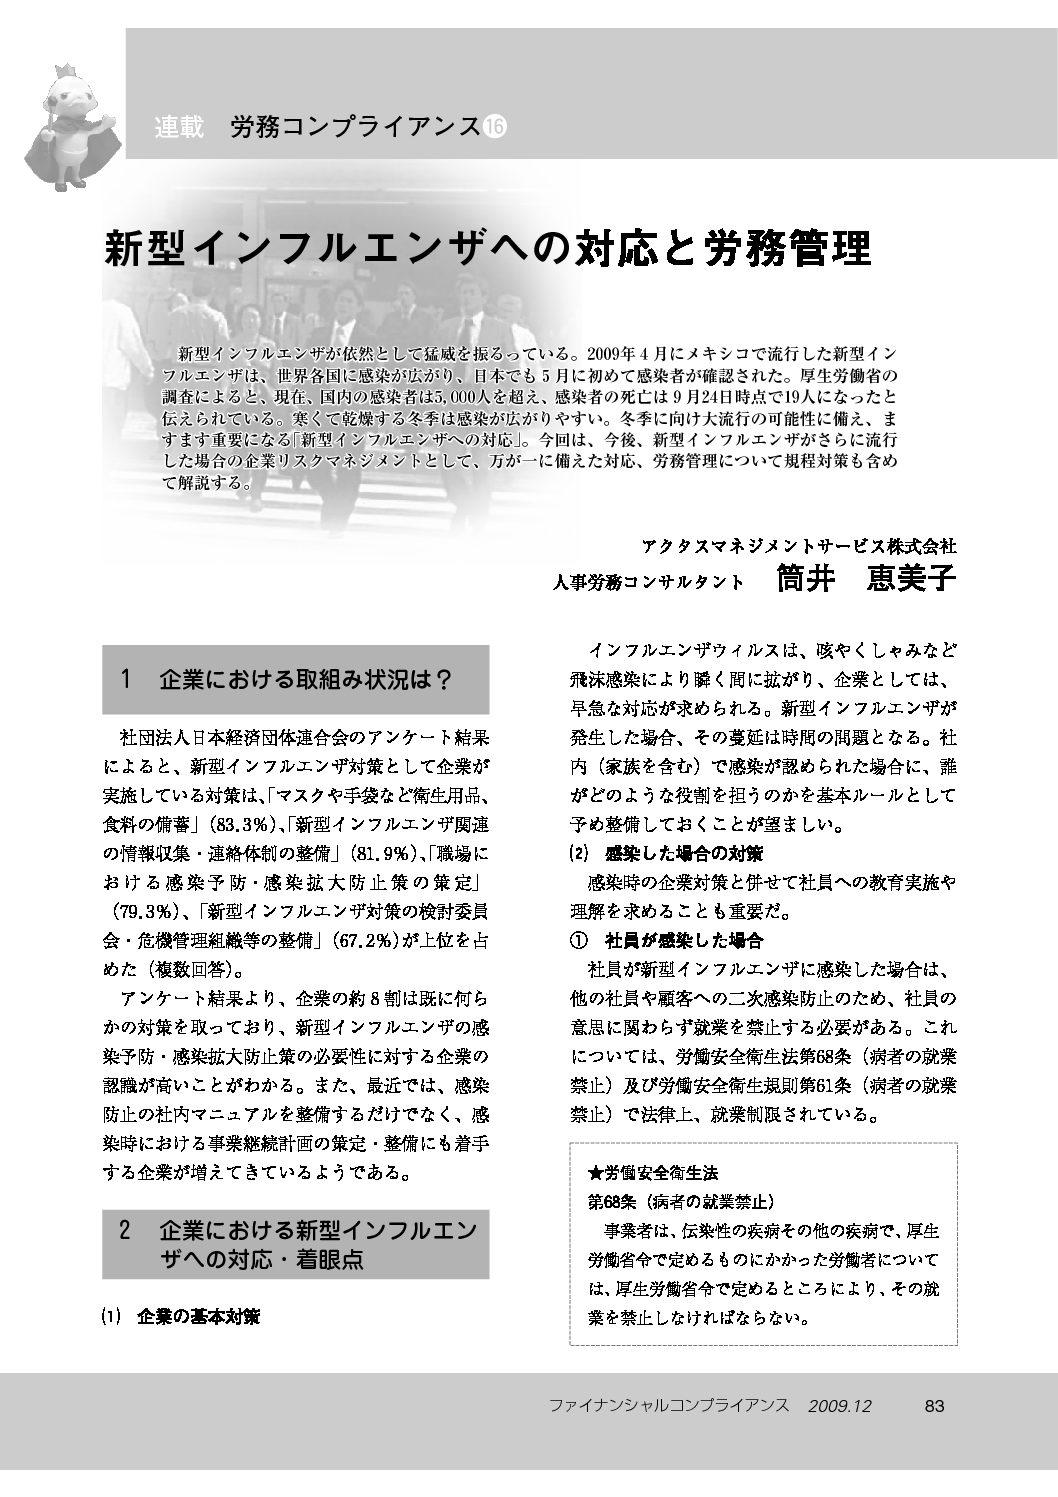 労務コンプライアンス(第16回) 新型インフルエンザへの対応と労務管理